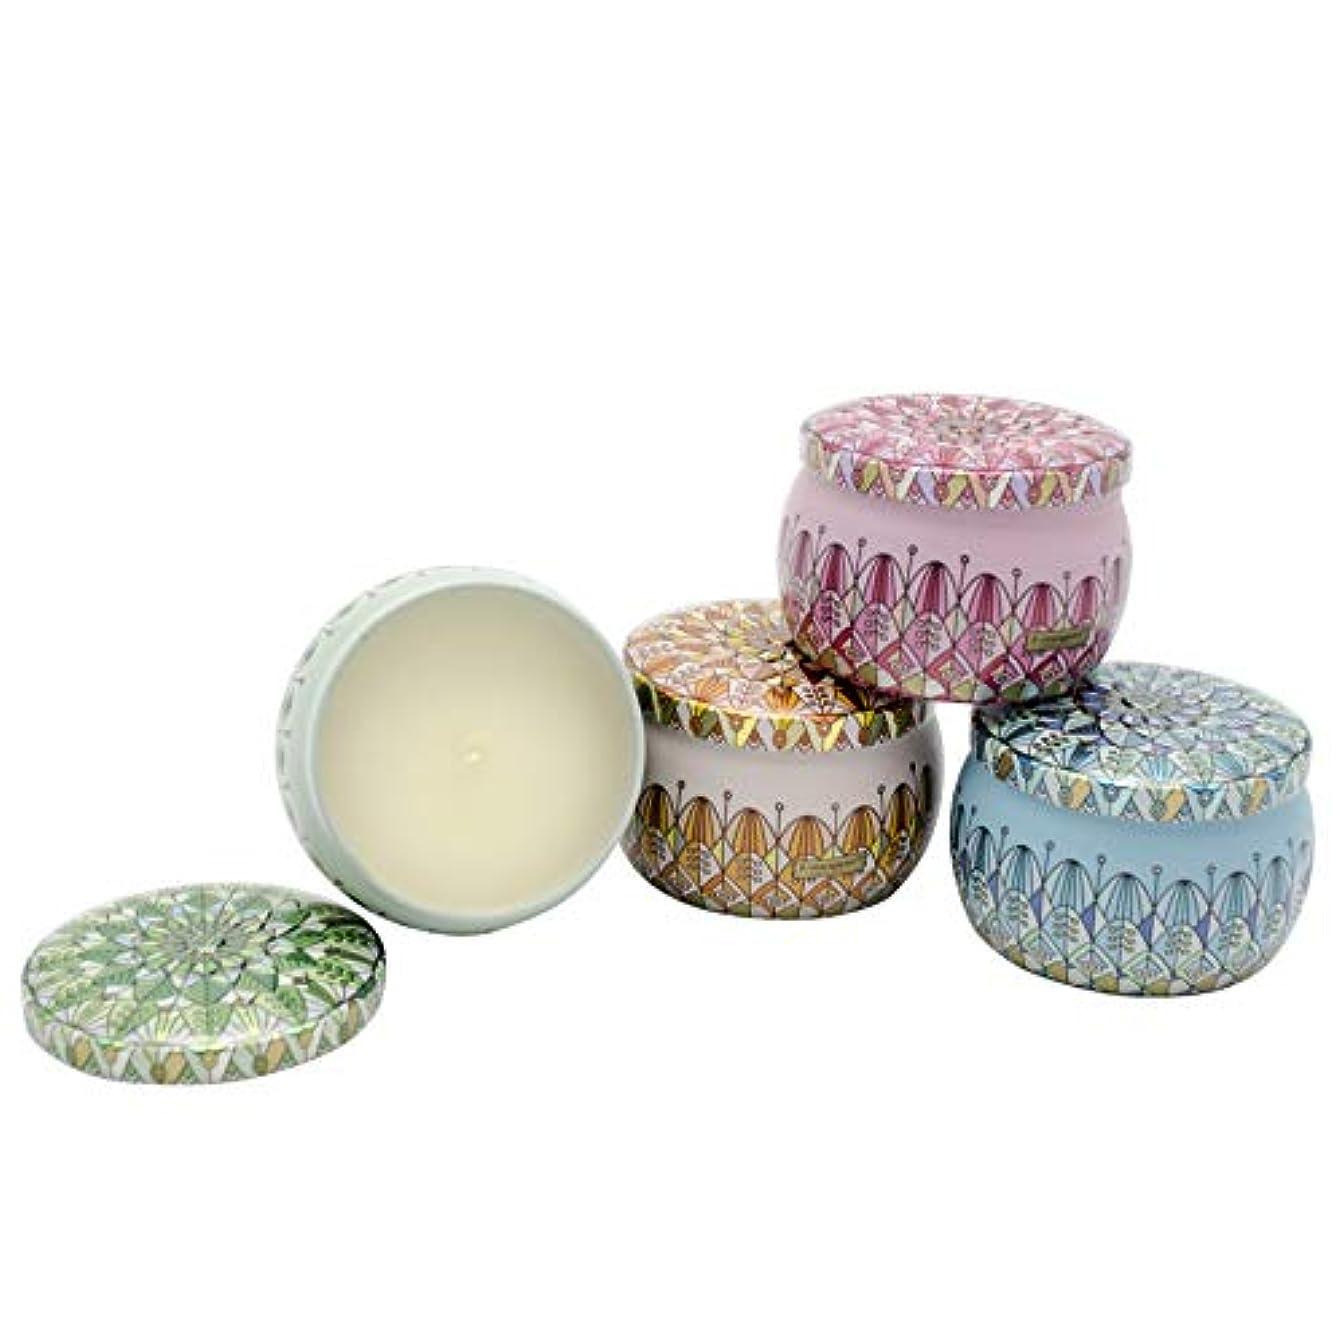 眉日の出優しさティンキャンドル ジオメトリ柄缶 4本セット アロマキャンドル バニラ&琥珀 シーウィンド&ブロッサム ホワイトアジサイ オレンジブロッサム